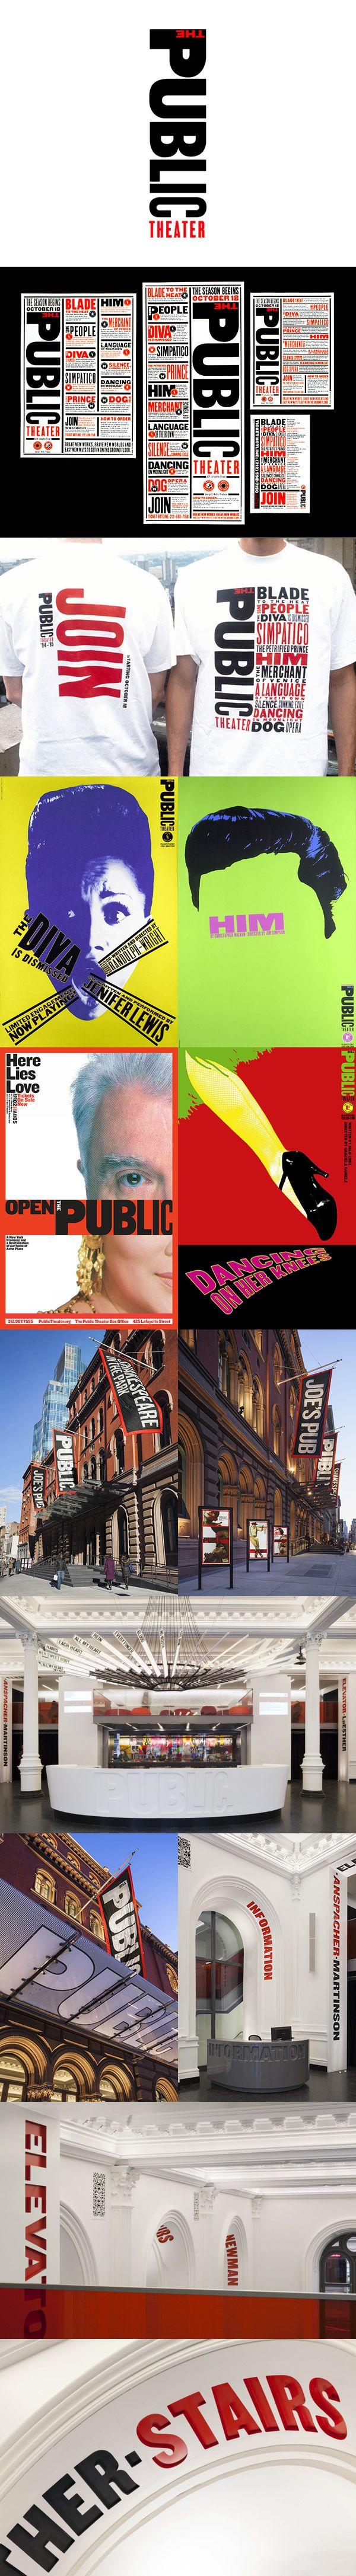 The Public Theater de New York, me parece un gran ejemplo de Sistema de Identidad, donde principalmente se genera una identidad propia y clara al lugar, y luego desde un sistema abierto se generan las aplicaciones con gran acierto y eficacia.